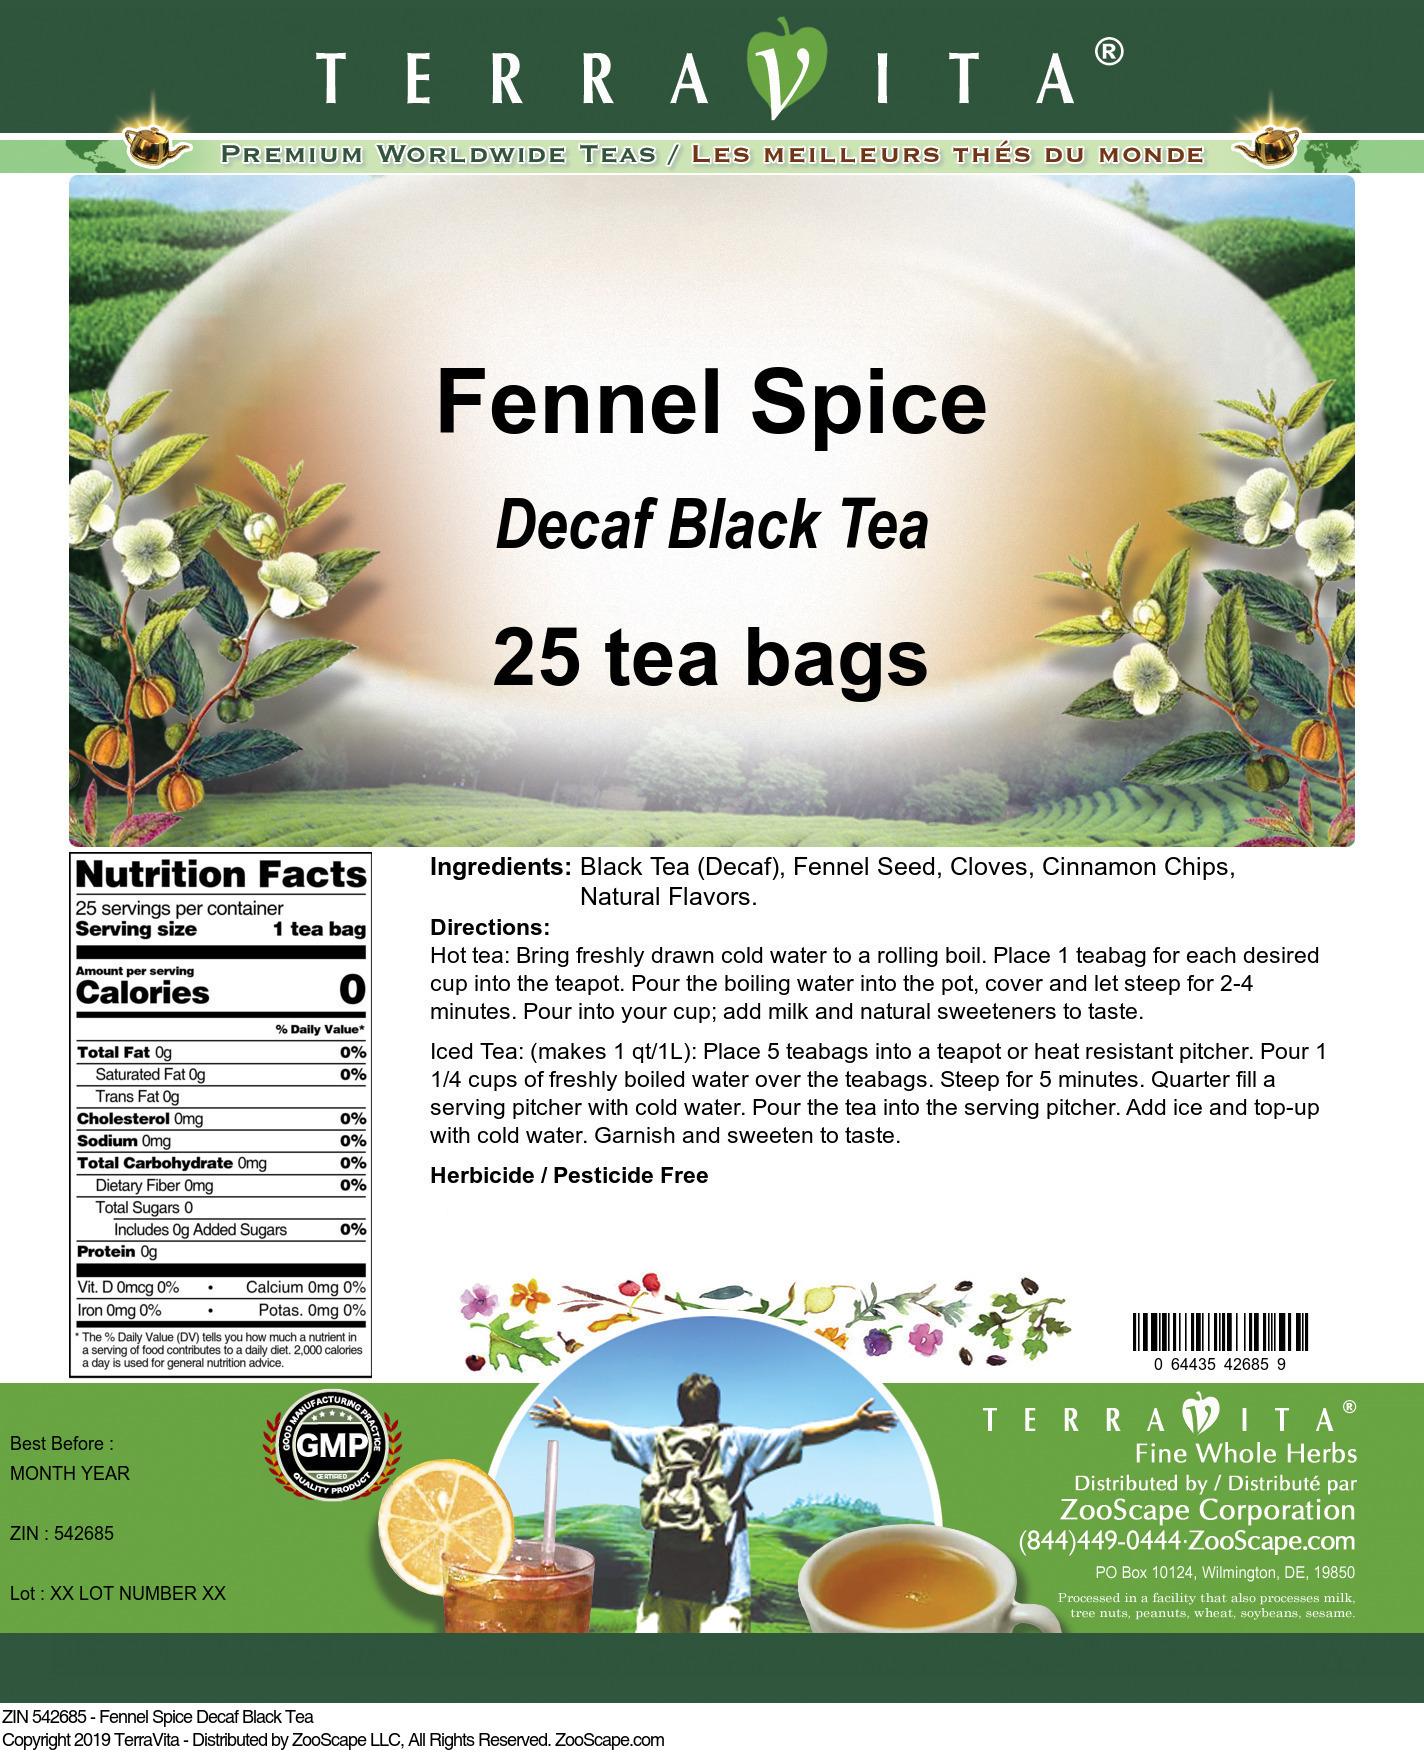 Fennel Spice Decaf Black Tea